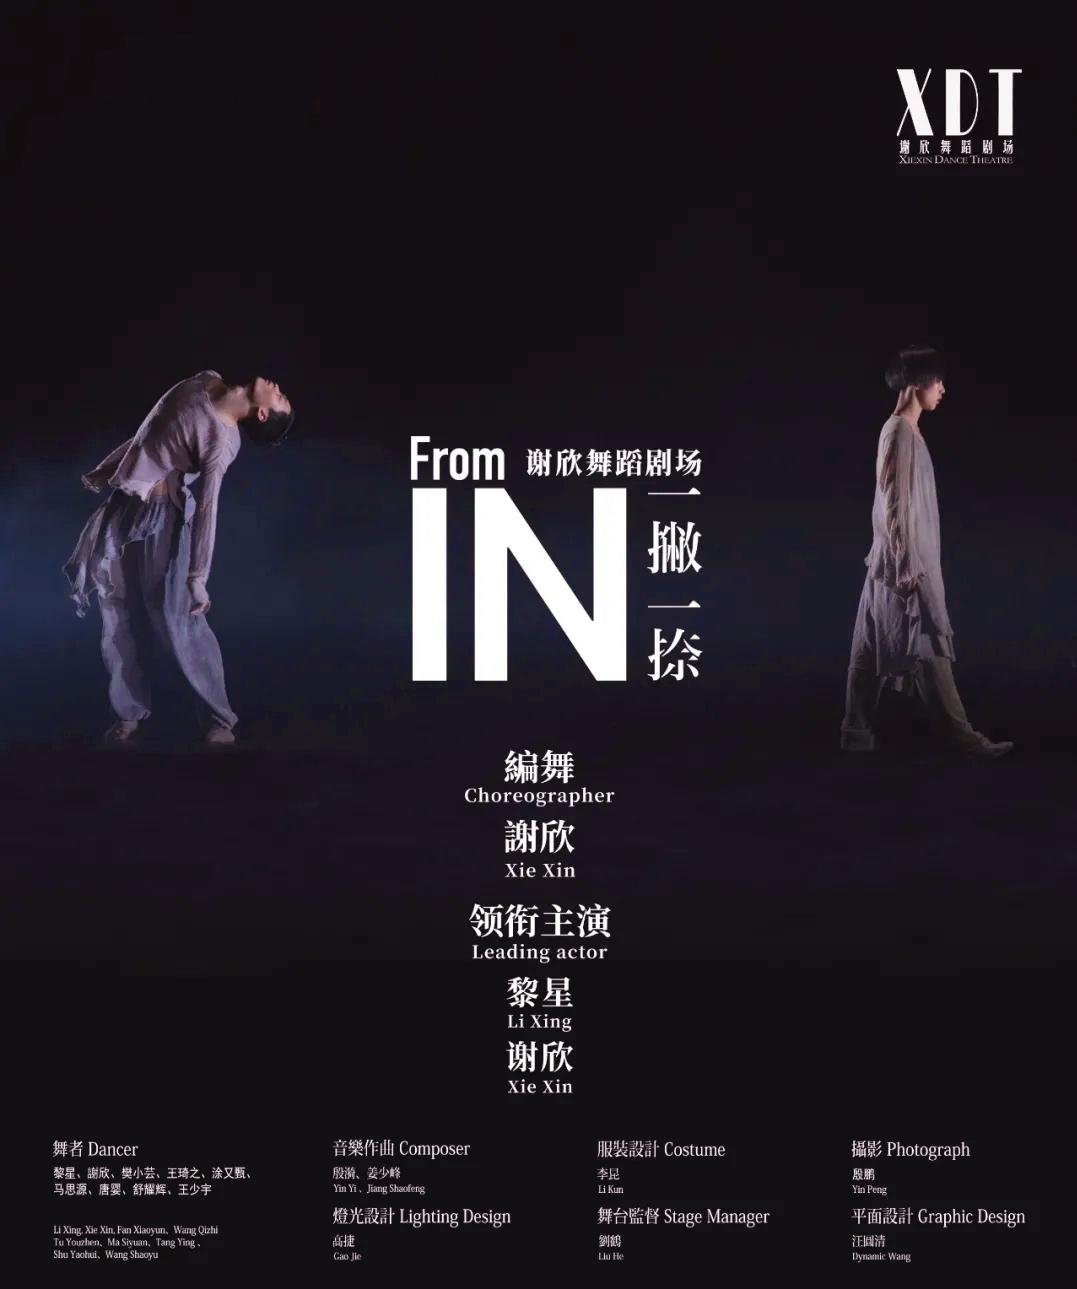 2021谢欣 黎星领衔主演舞剧《一撇一捺》-重庆站